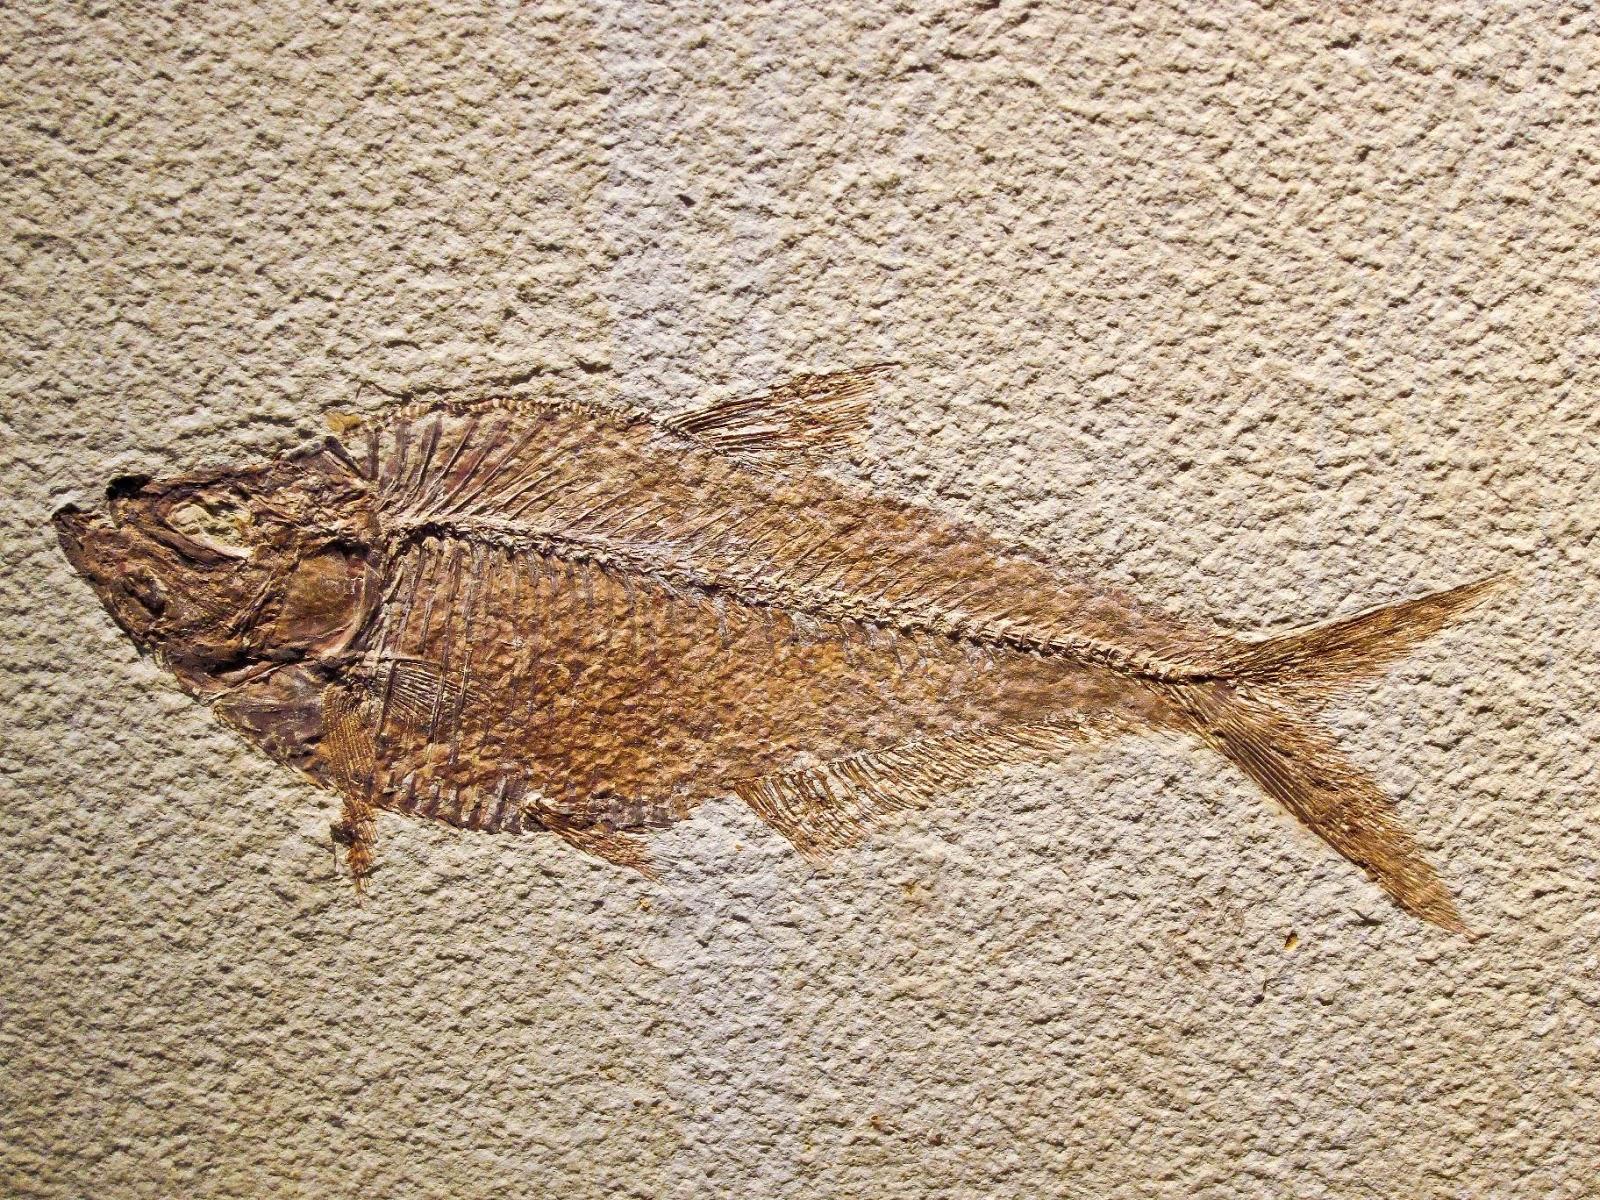 fosilpezch